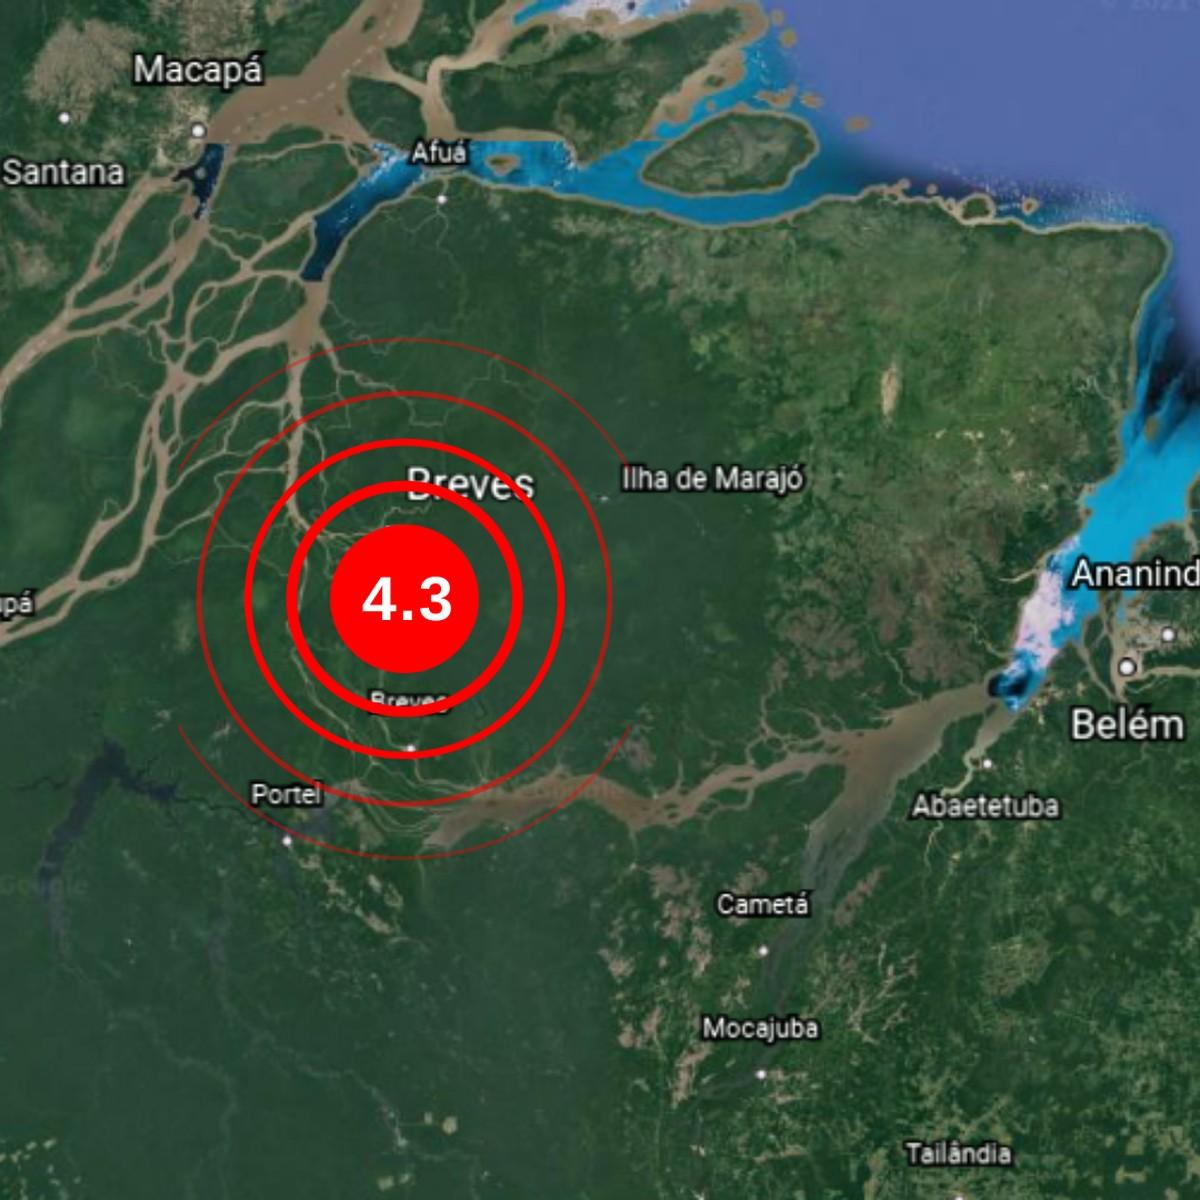 Tremor de terra é sentido em Breves, no Marajó